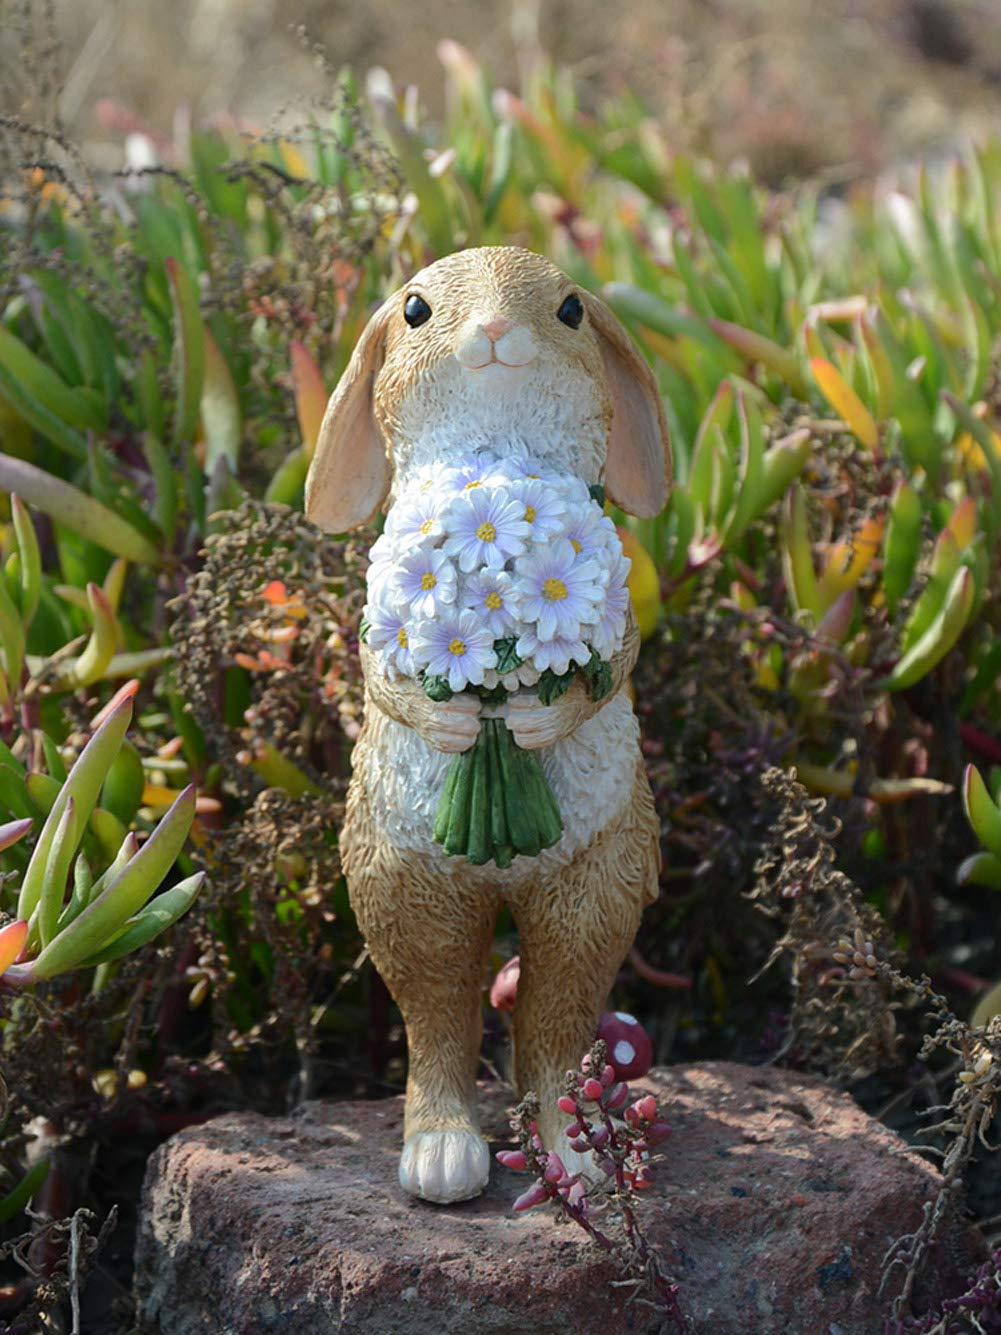 DoMyfit - Estatua Decorativa de Conejo para jardín, decoración al Aire Libre, paisajismo, Conejos idílicos, Conejos Decorativos, Adornos de Resina para inauguración de la casa, Ramo de Conejos.: Amazon.es: Jardín